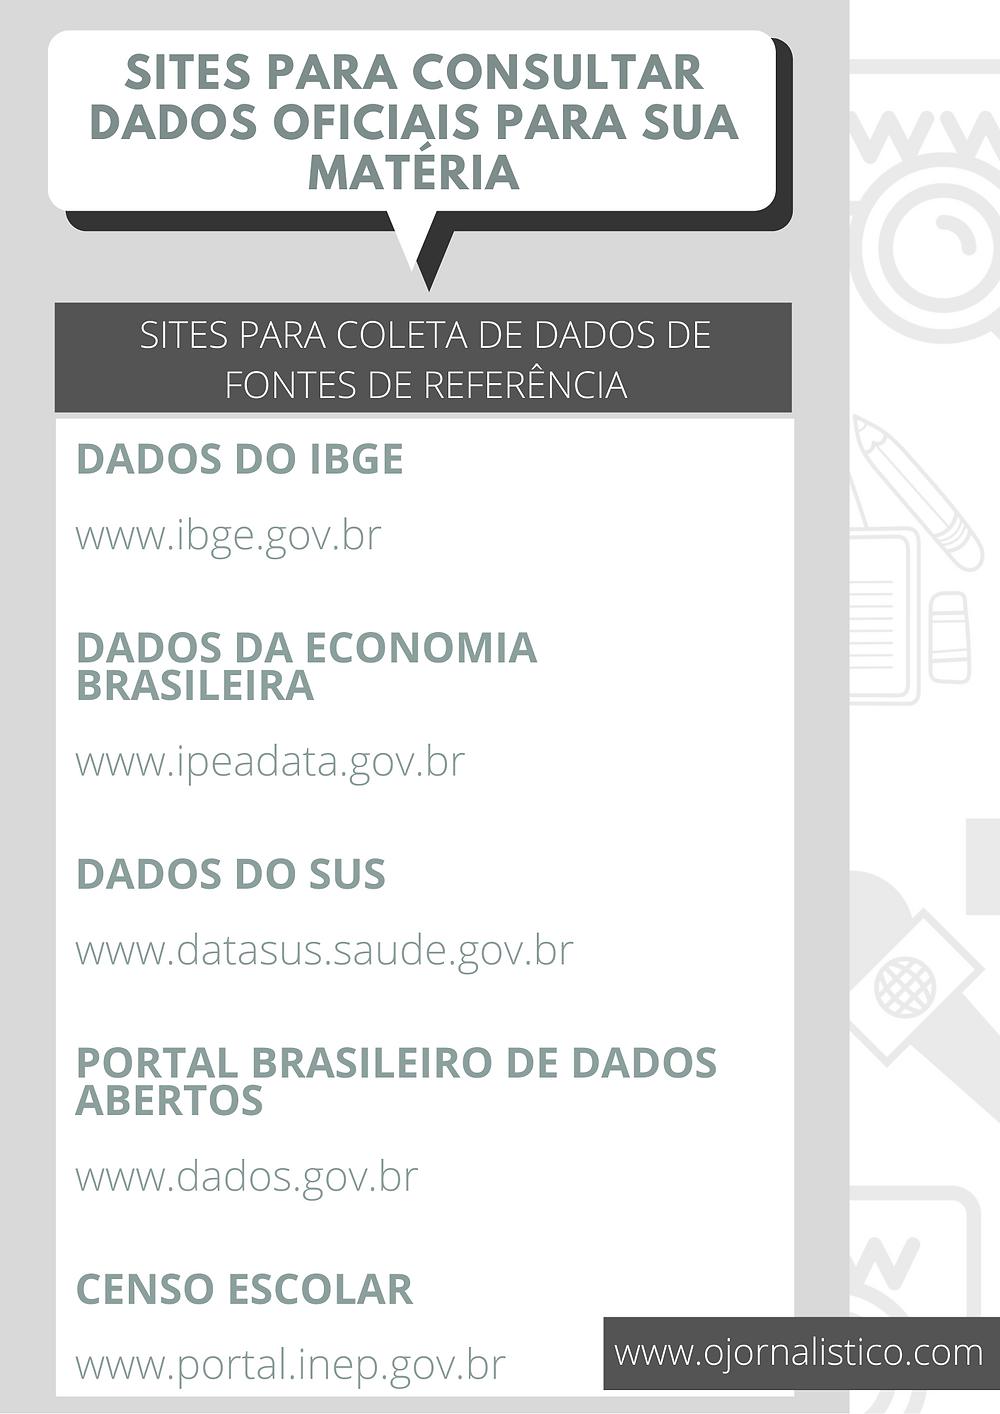 sites para conseguir dados oficiais para sua matéria jornalística